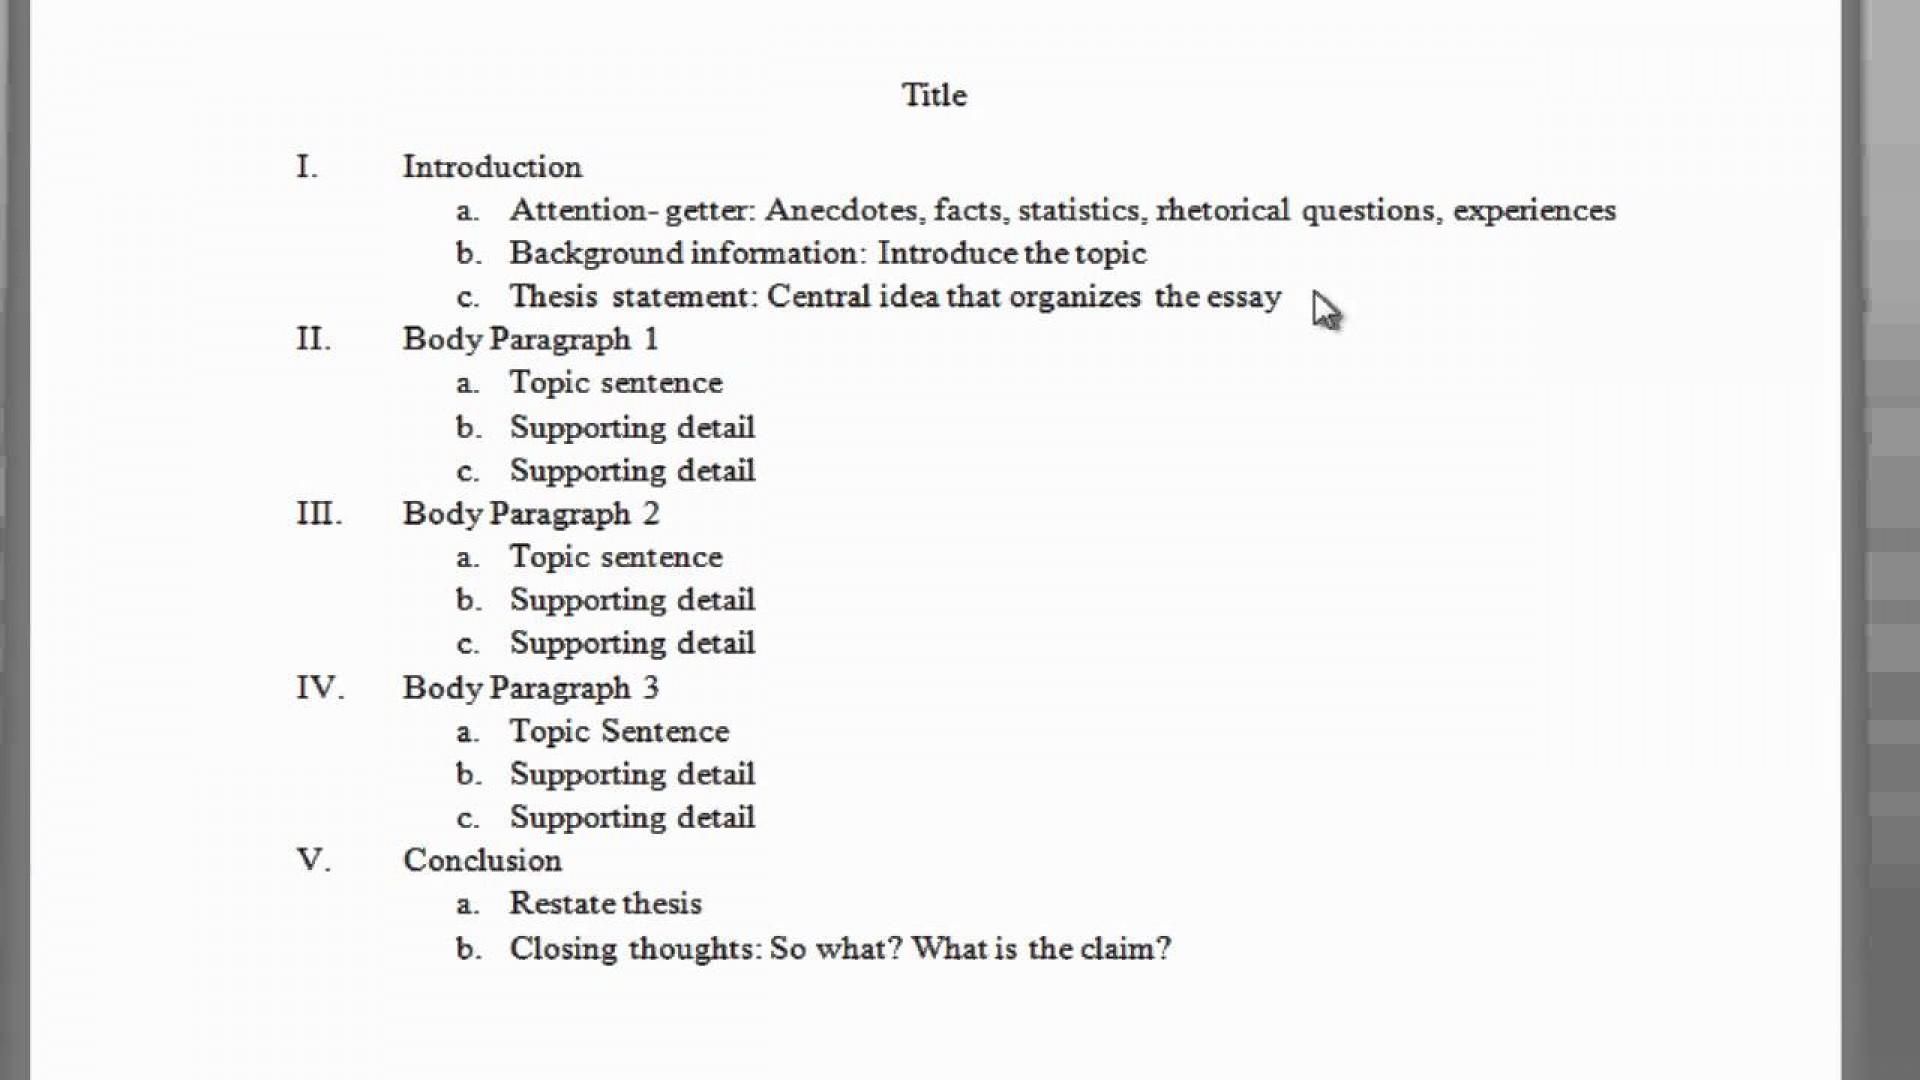 003 Maxresdefault Essay Example Outline Impressive Of Argumentative Sample Mla Format 1920